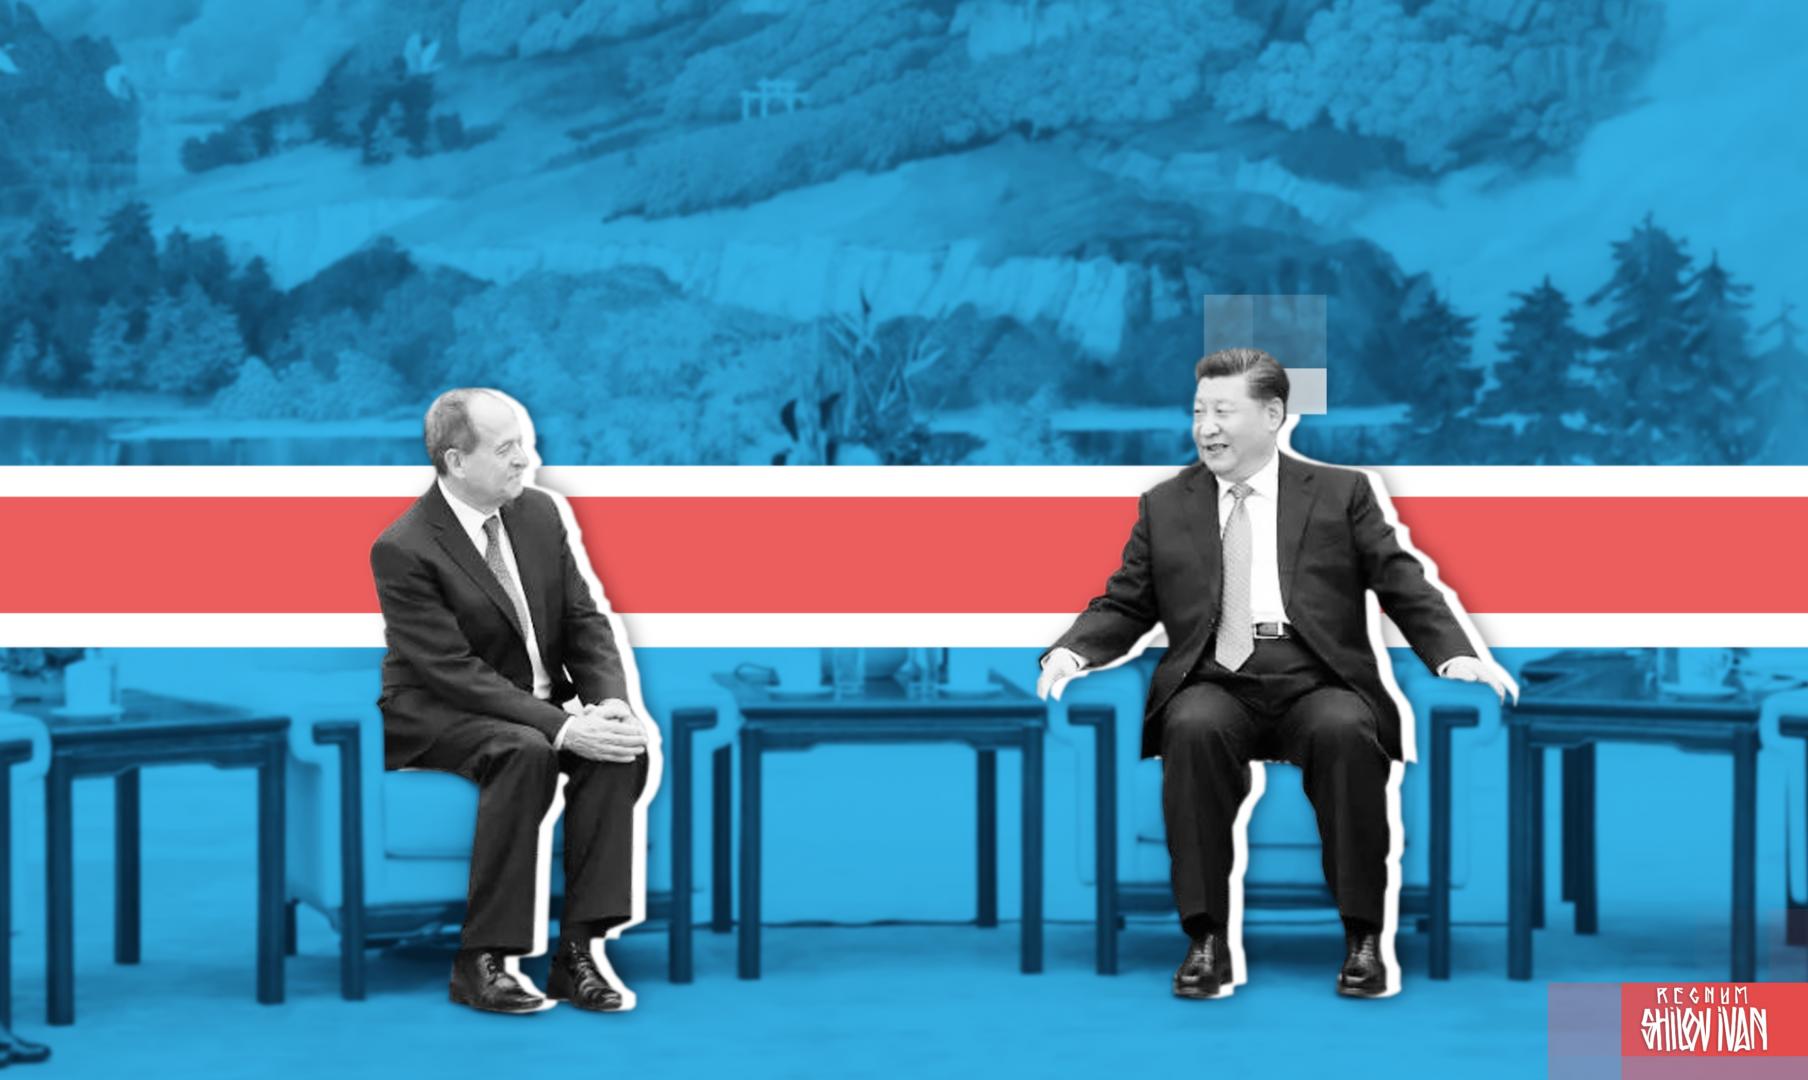 Встреча Си Цзиньпина со Стивеном Перри